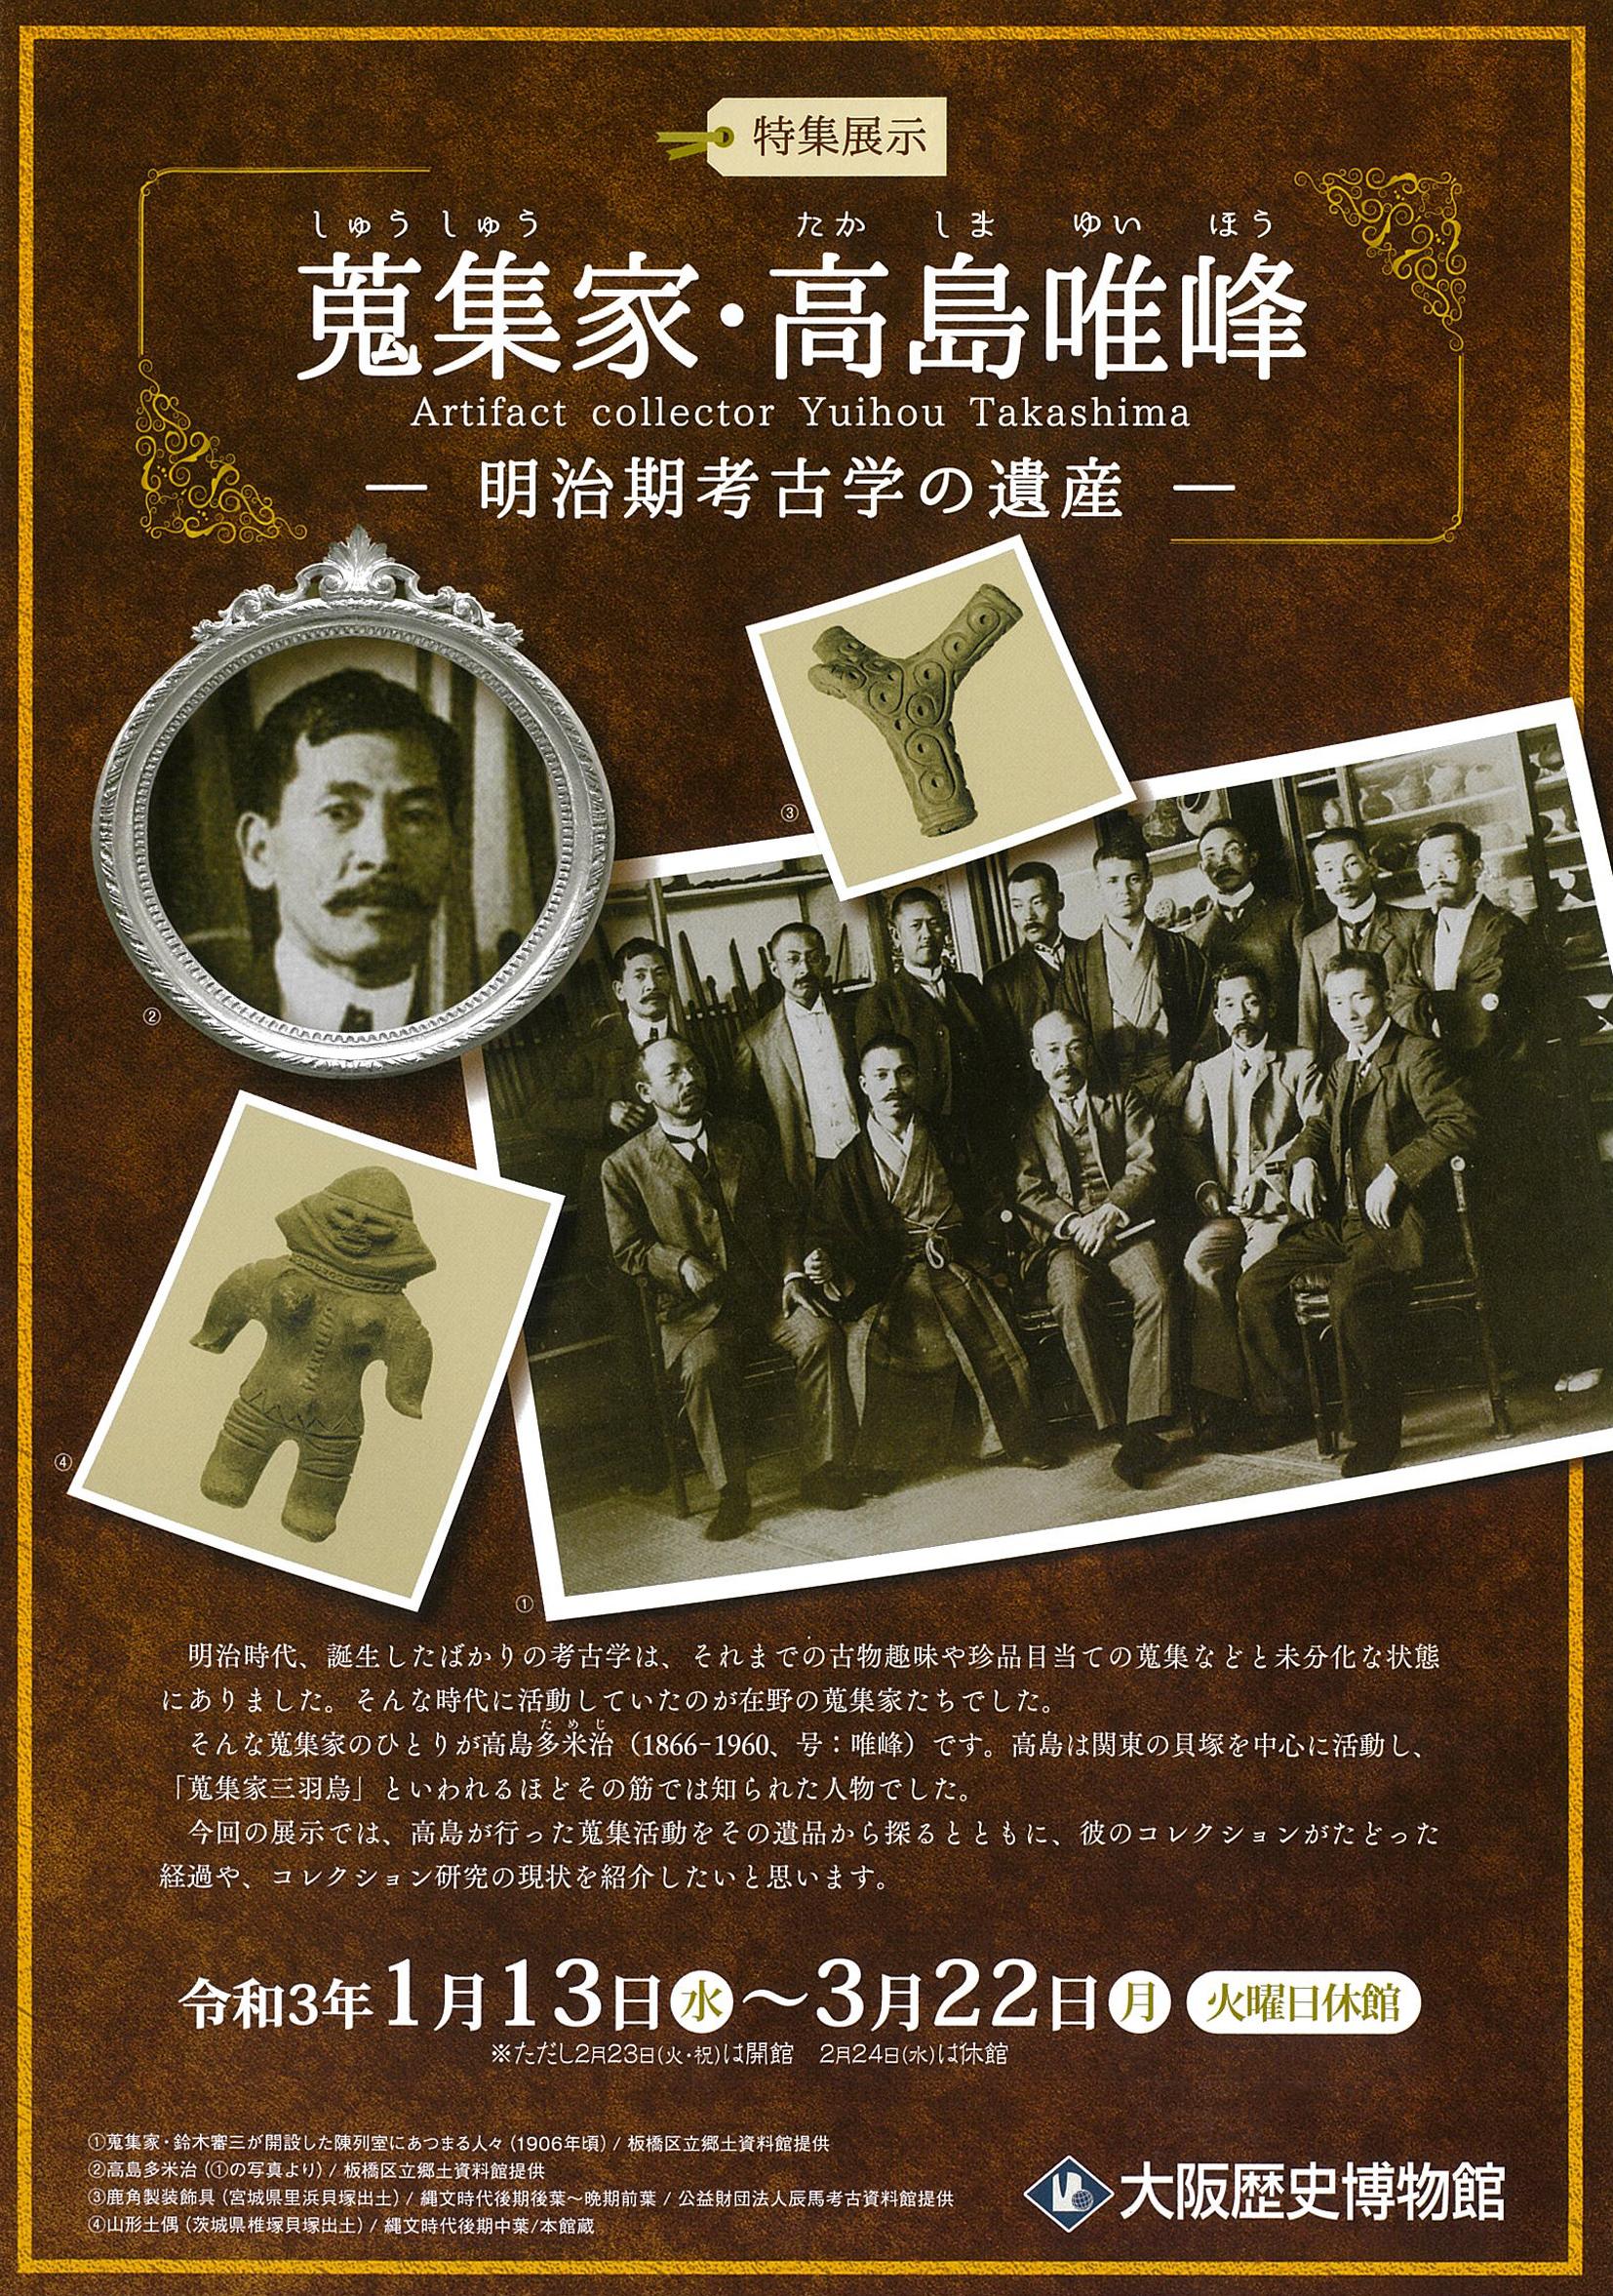 特集展示「蒐集家・高島唯峰―明治期考古学の遺産―」